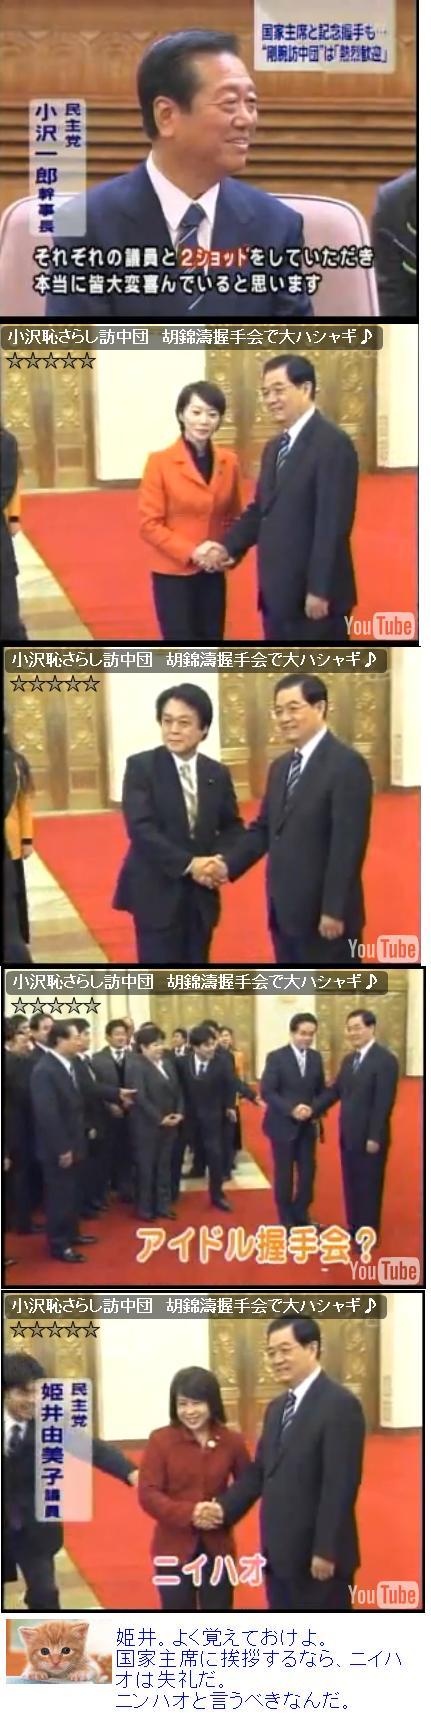 200912112stfyjingtao.jpg